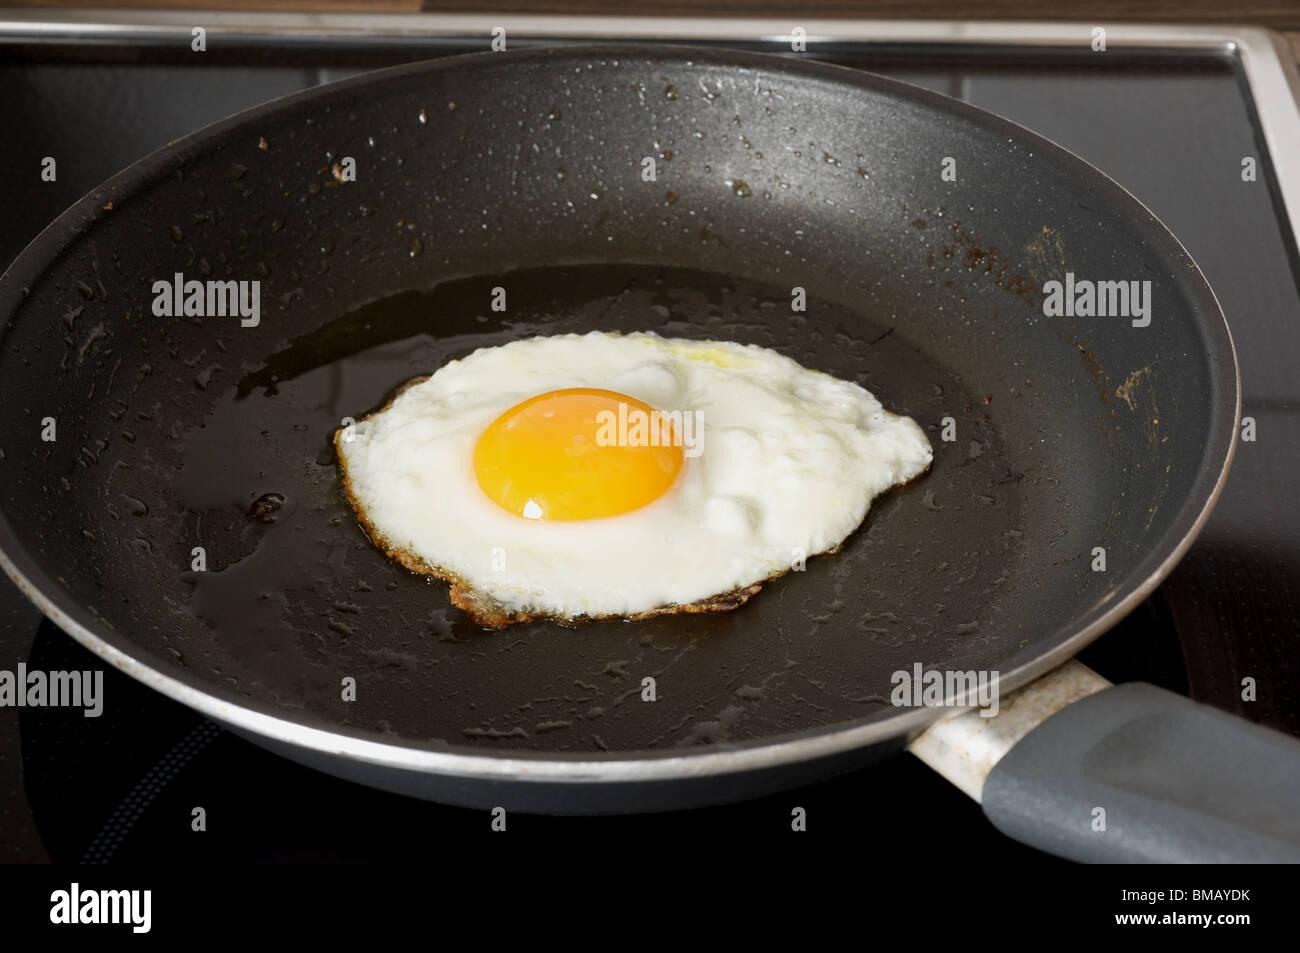 https www alamyimages fr photo image la cuisson des oeufs au plat dans une poele 29744559 html